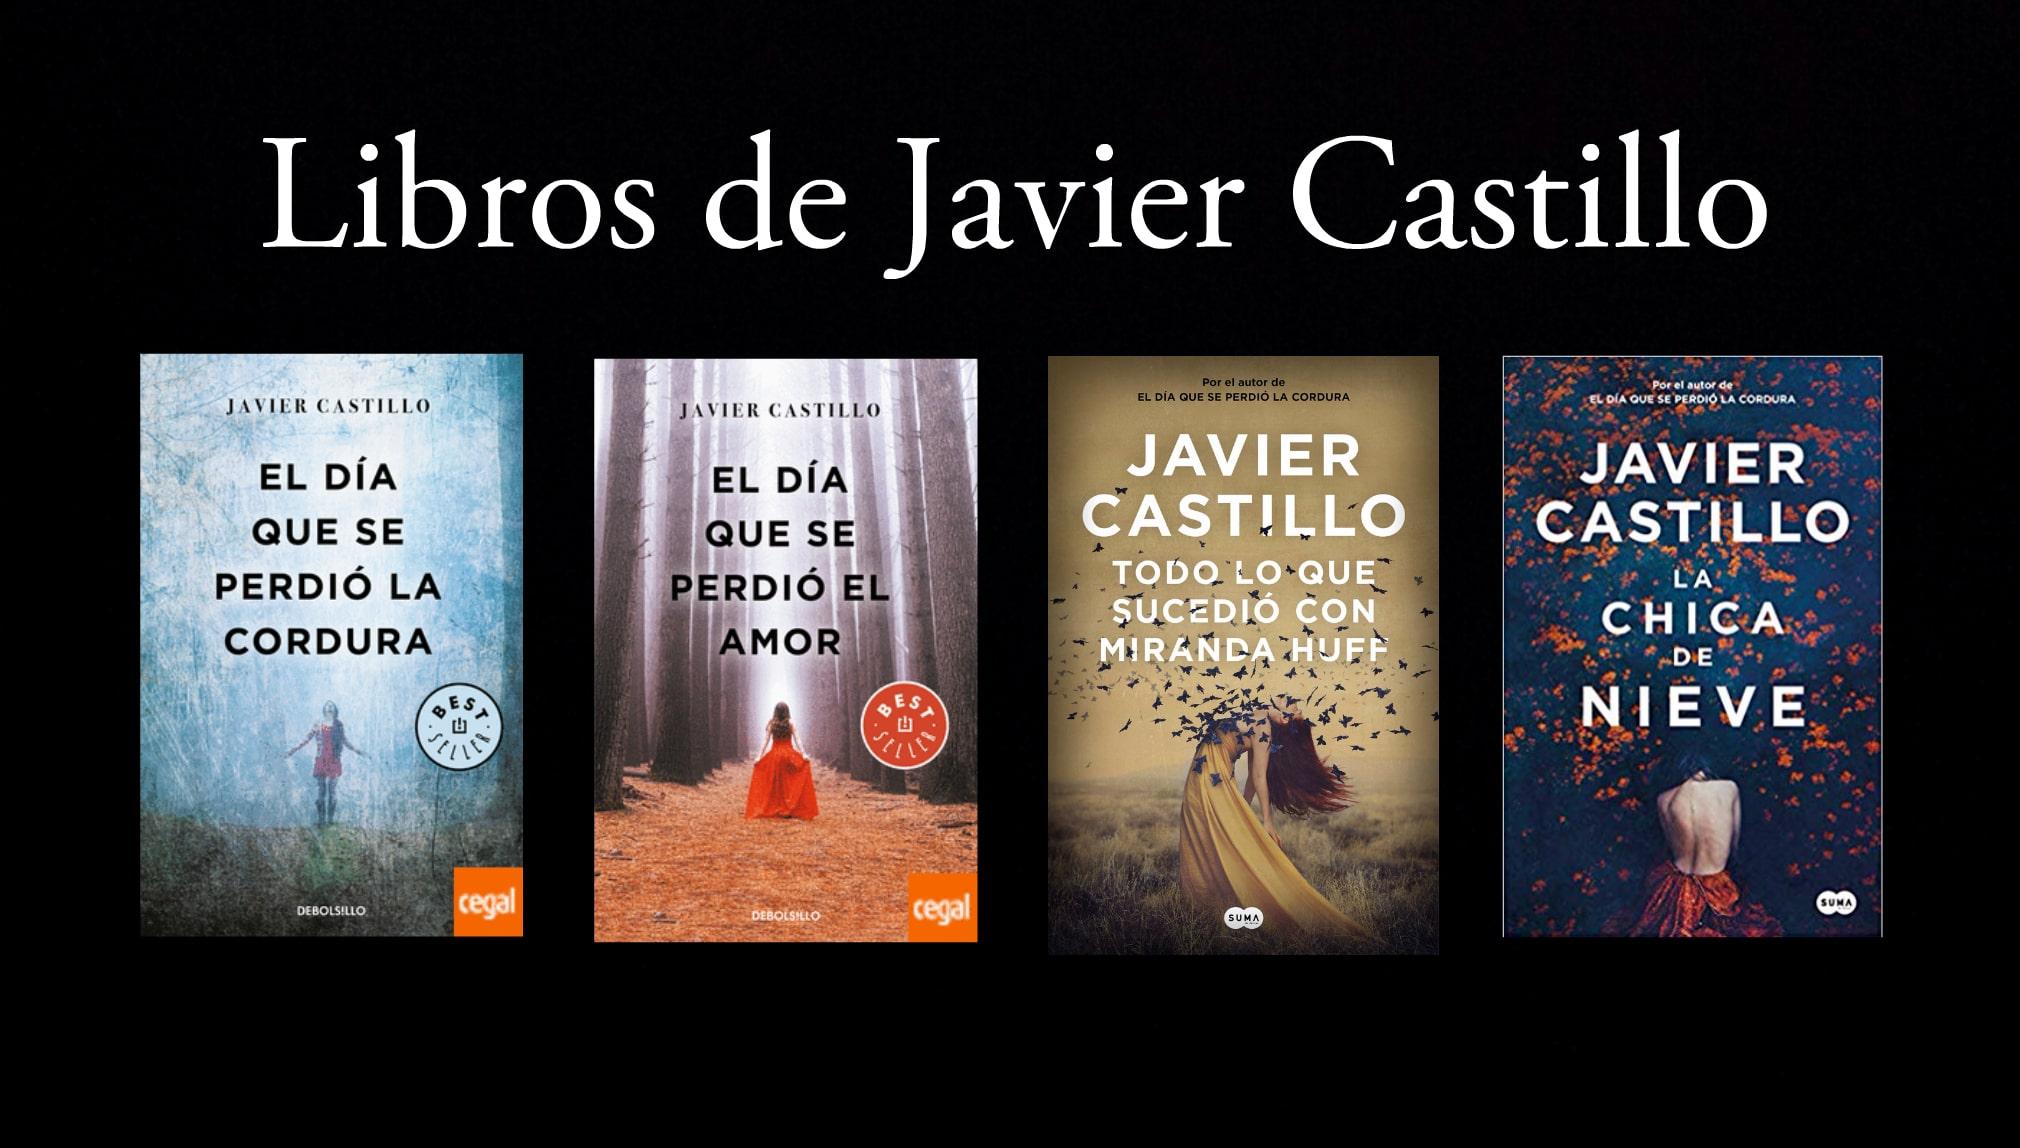 Libros de Javier Castillo.